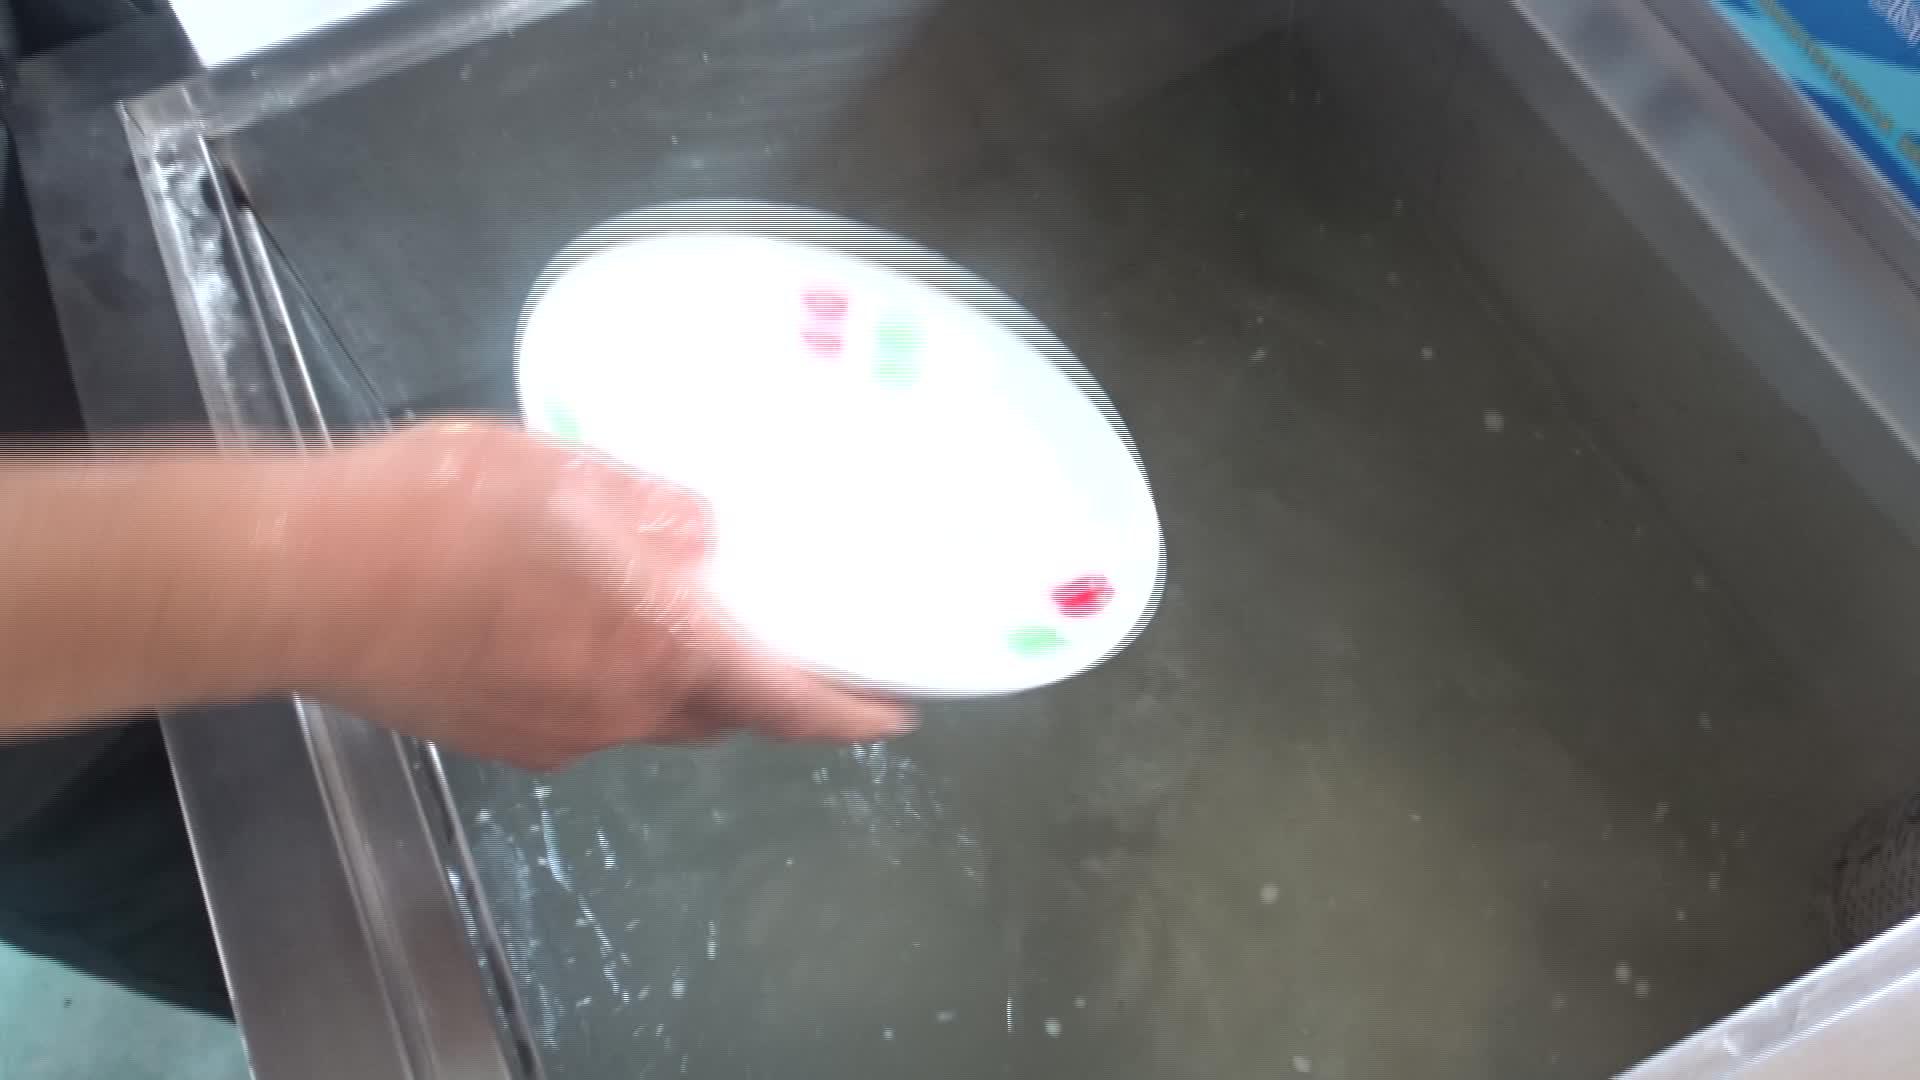 Veloce ristorante hotel scuola sala da pranzo ad alta tecnologia indipendente di R & D lavastoviglie commerciale